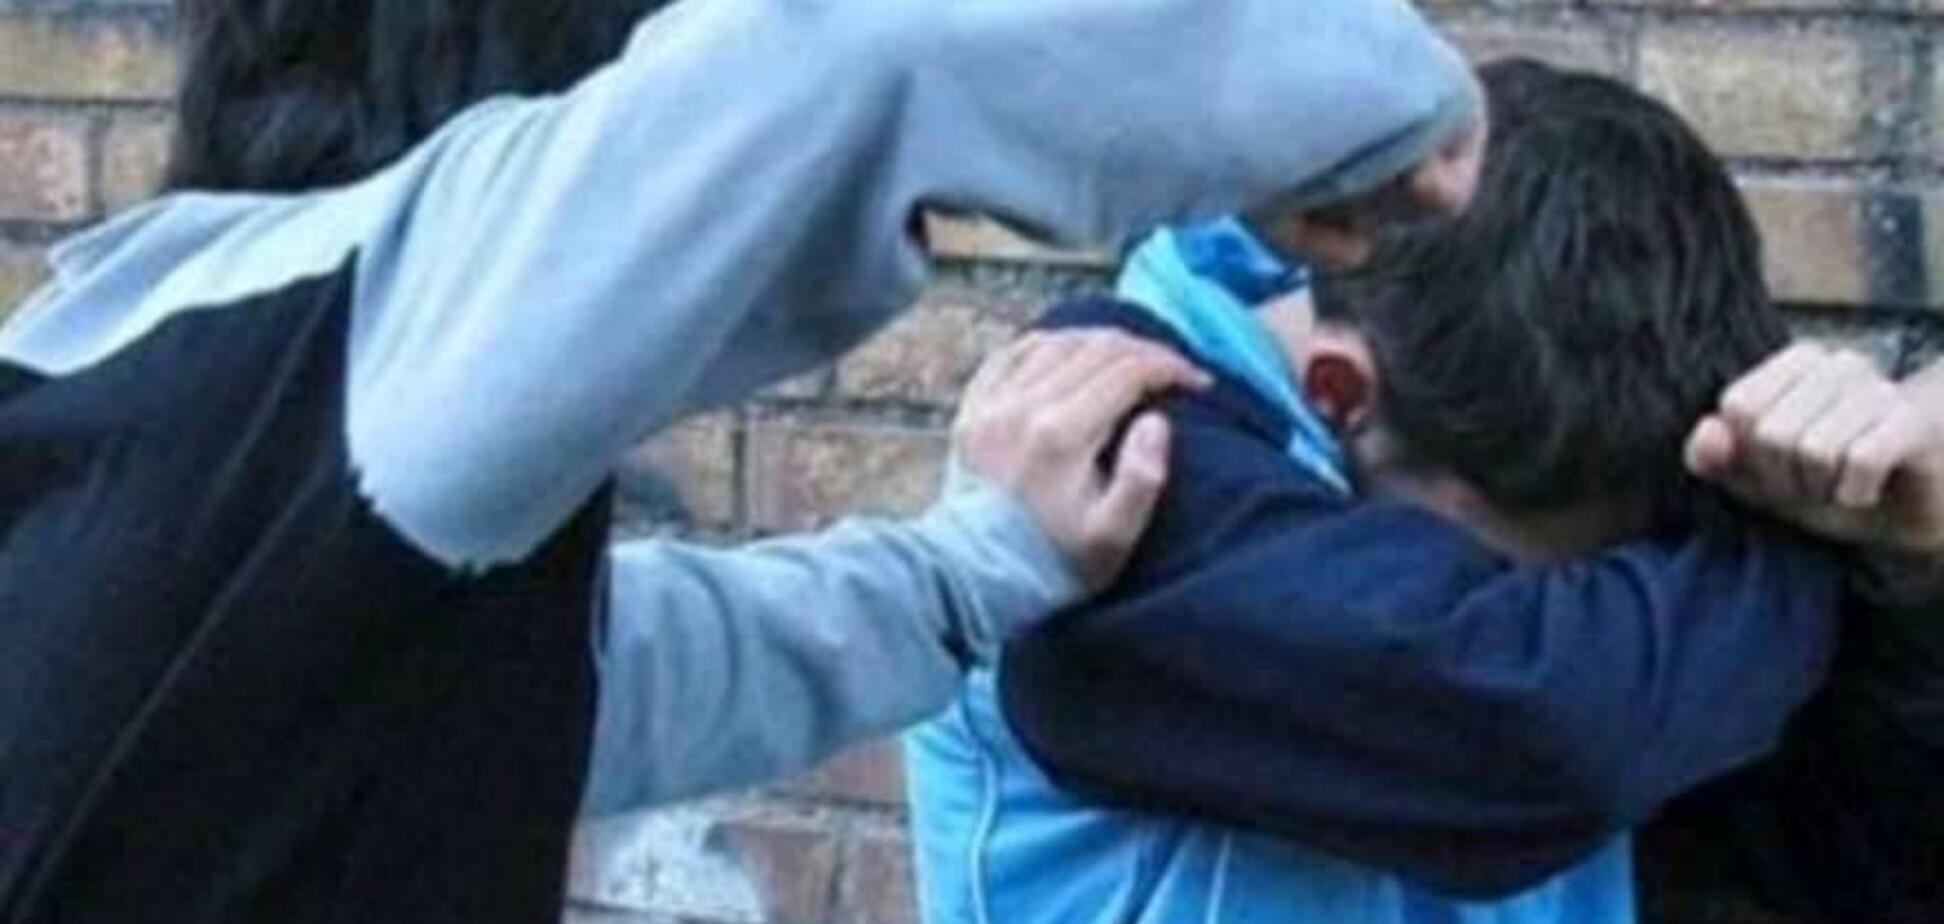 'Охоронець пройшов повз': у Росії школяр побив однокласника через низький зріст. Відео